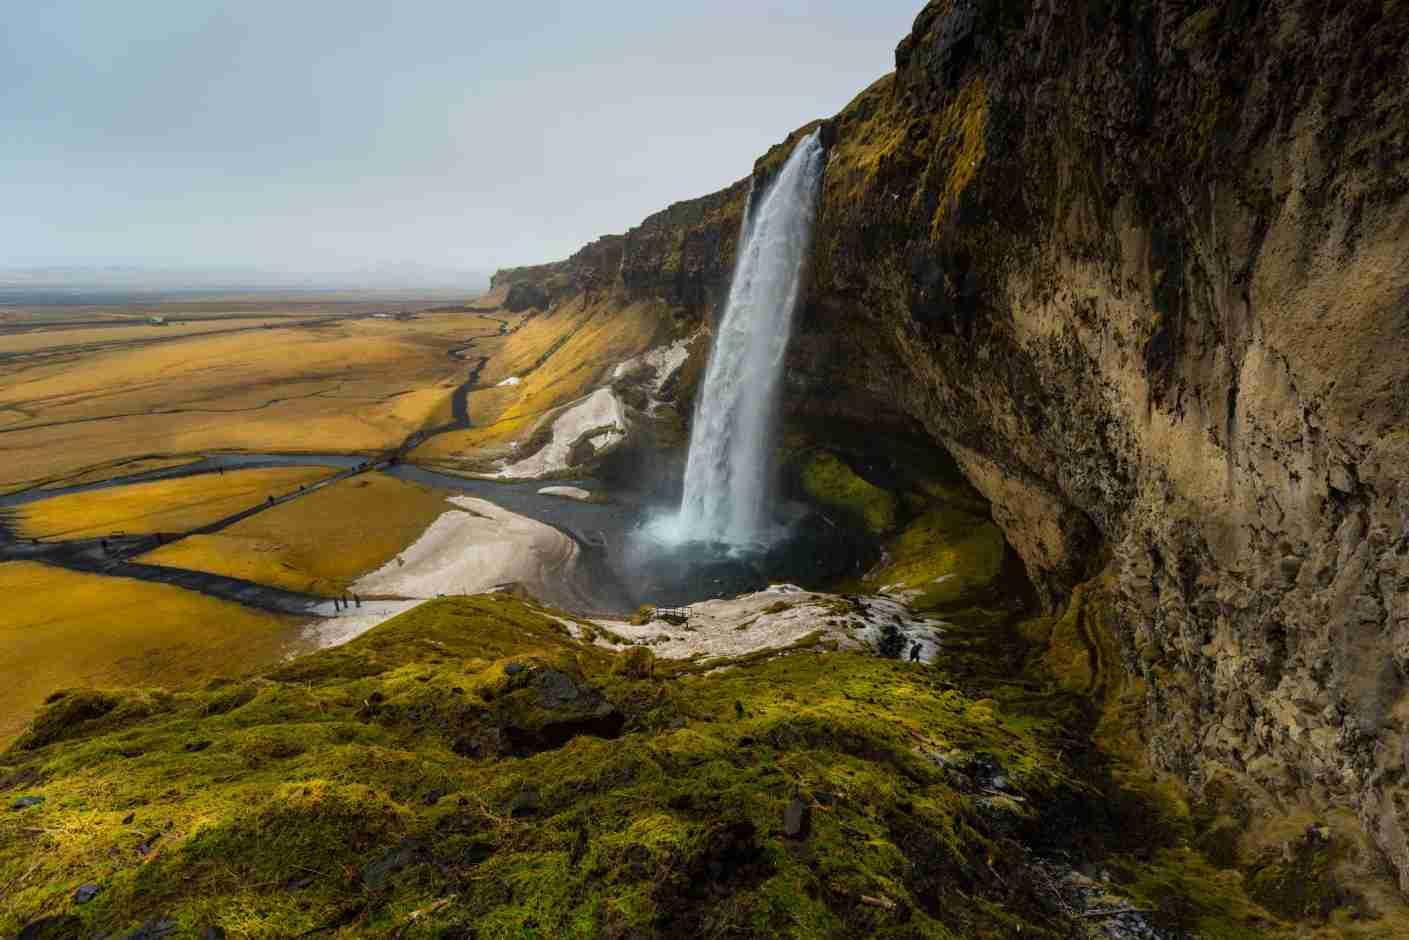 Winter landscape of Seljalandsfoss waterfall, Iceland. Photo by paranyu pithayarungsarit / Getty Images.